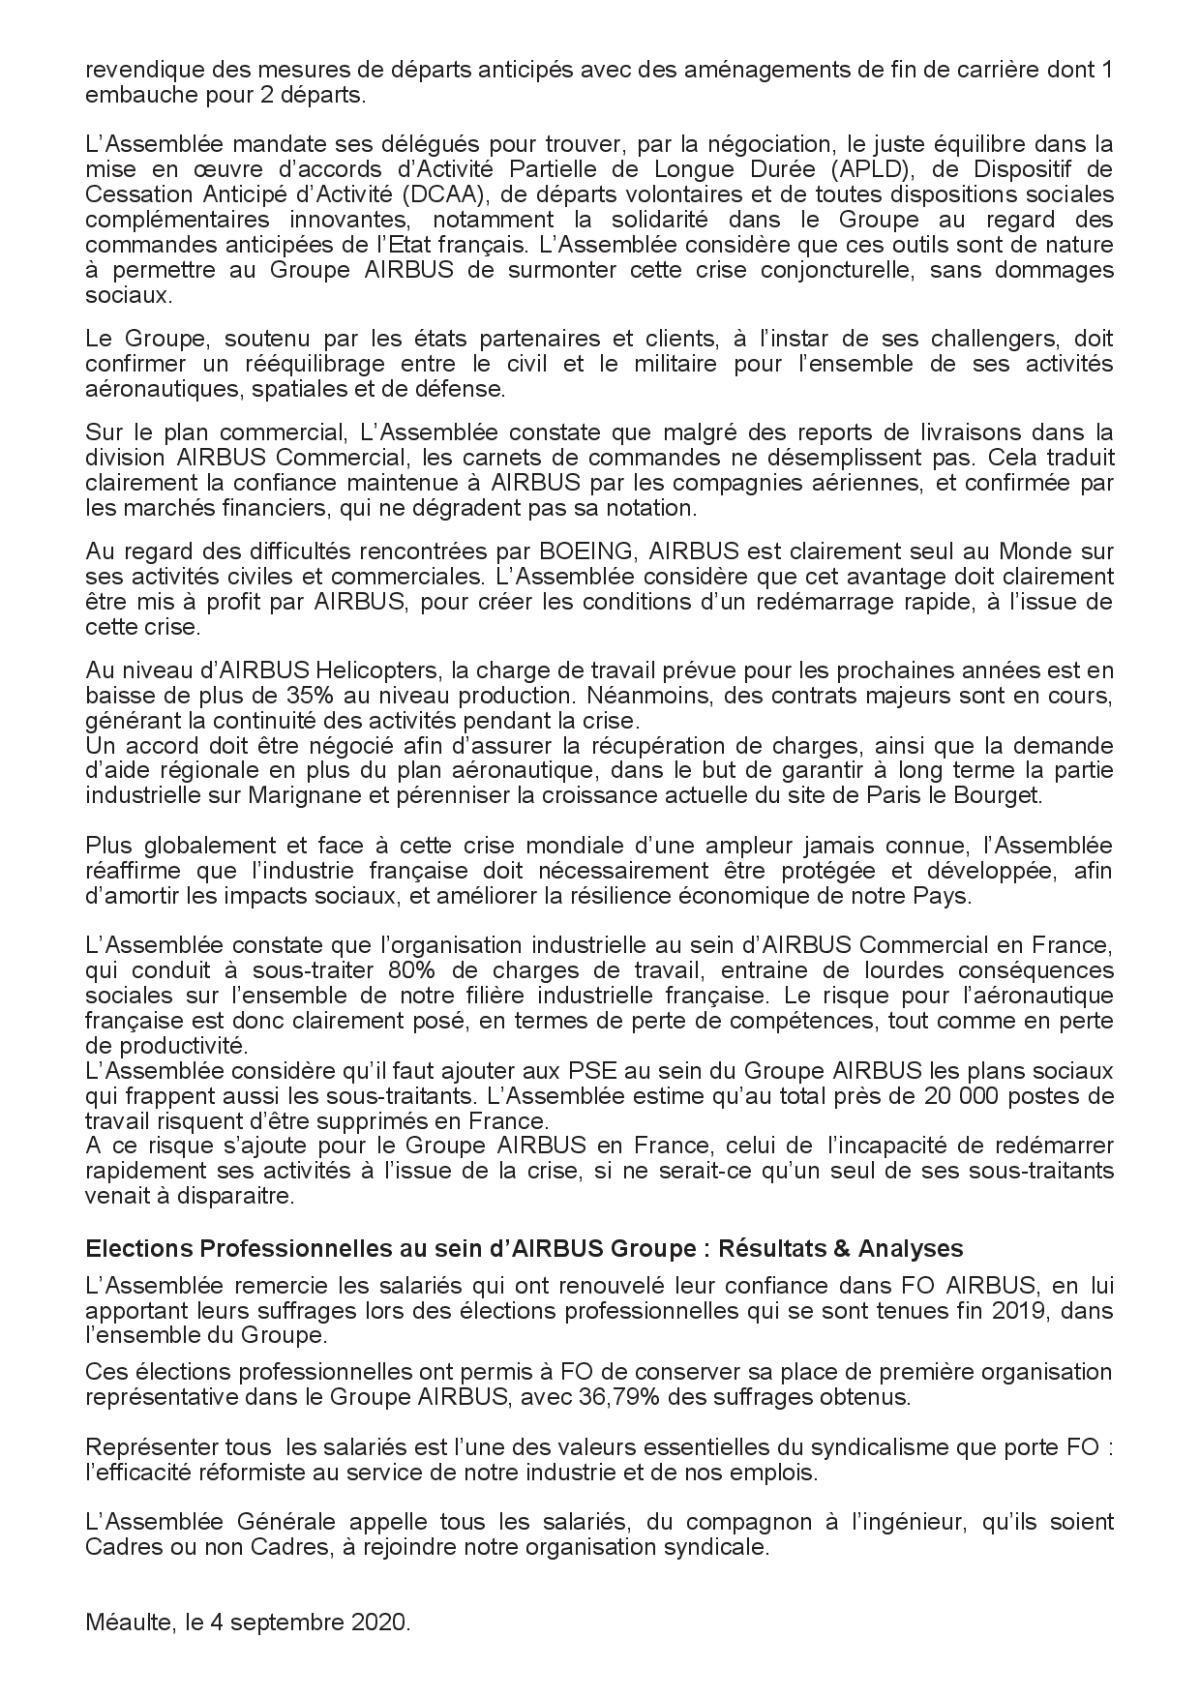 Motion - Assemblée Générale FO du Groupe Airbus à Méaulte